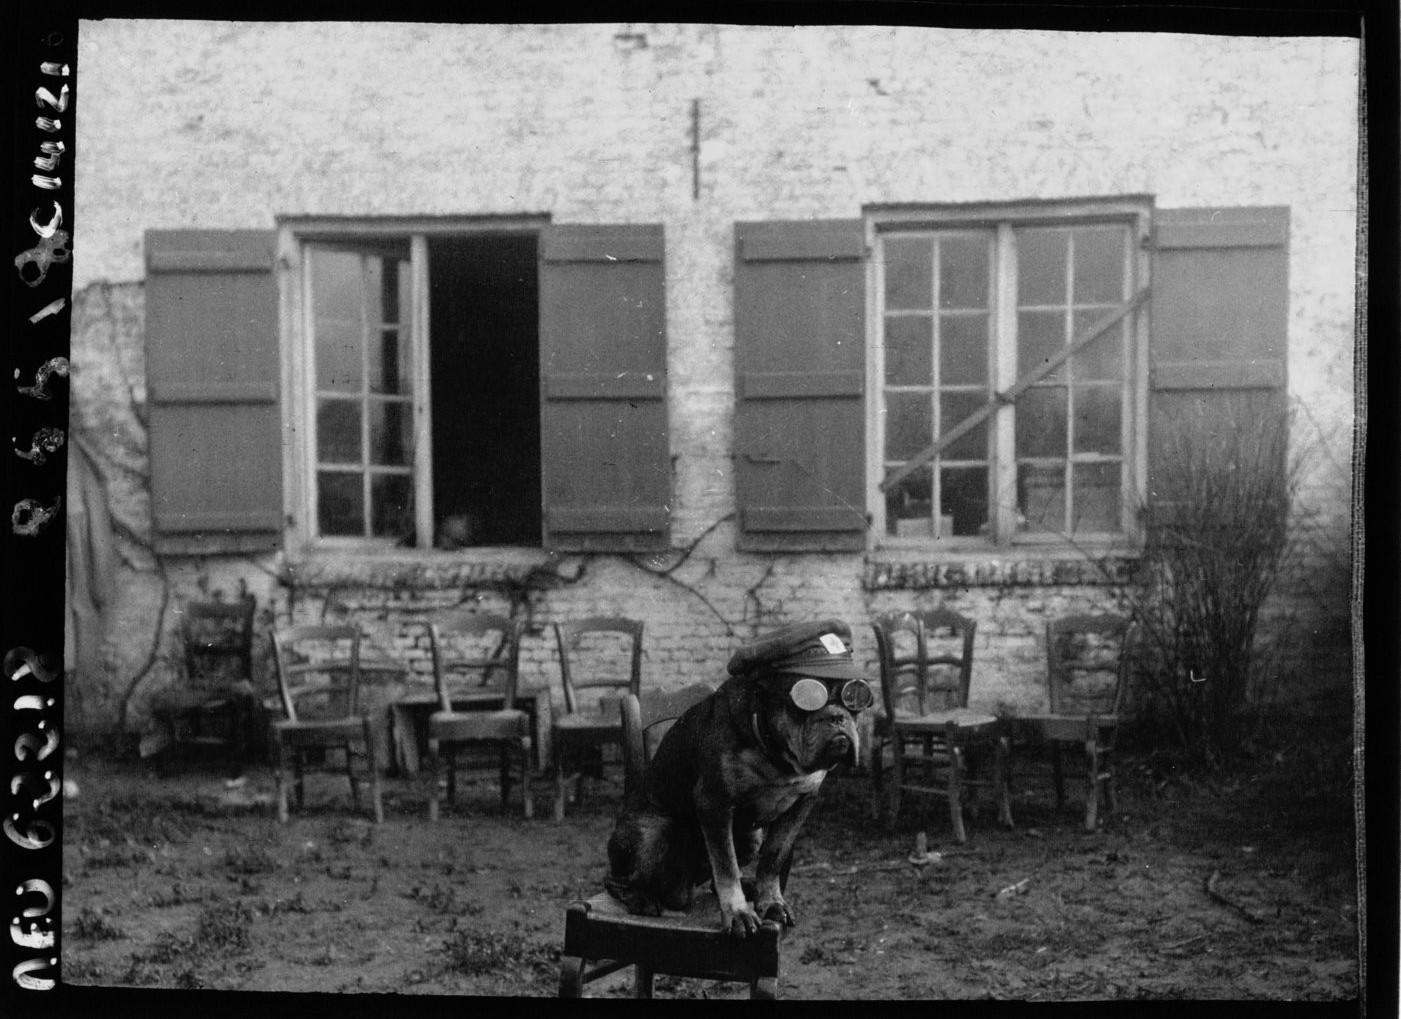 Buldożek - maskotka angielskiej sekcji sanitarnej. Fot. Agence Meurisse. Źródło: Bibliothèque nationale de France